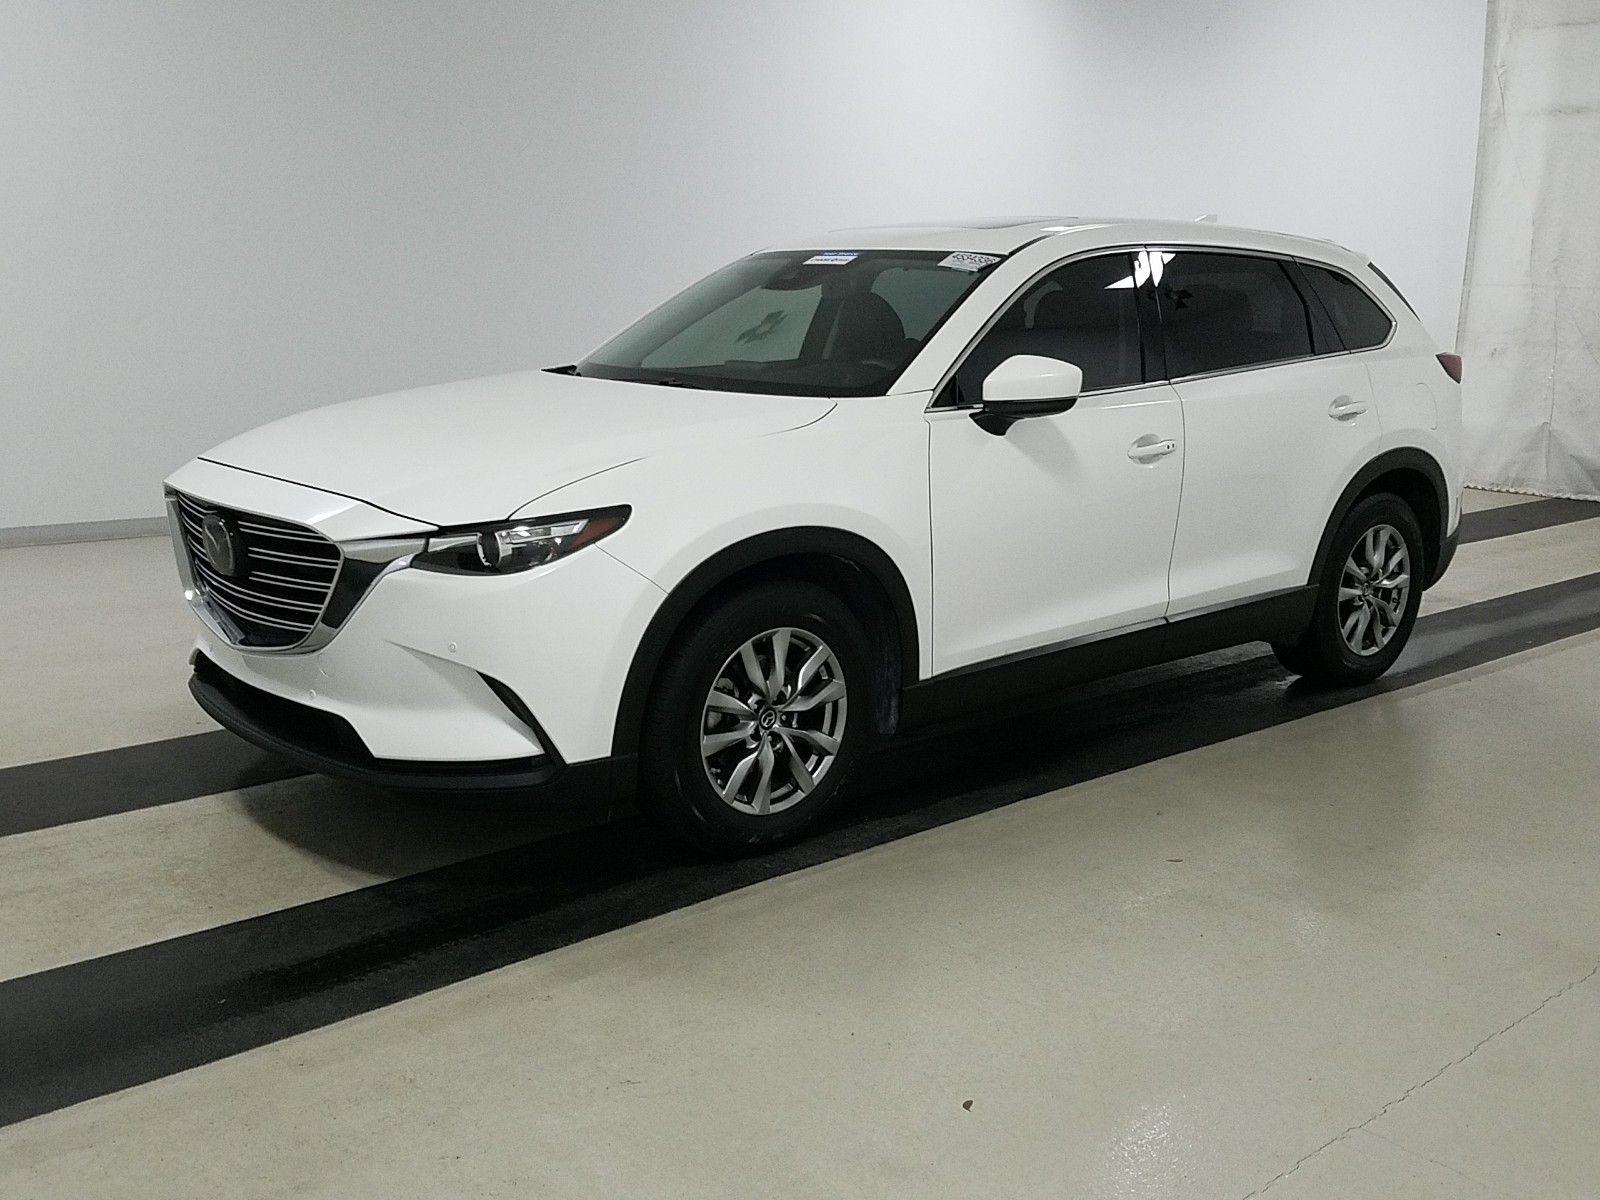 2018 Mazda Cx-9 2.5. Lot 99915977446 Vin JM3TCACY4J0209987